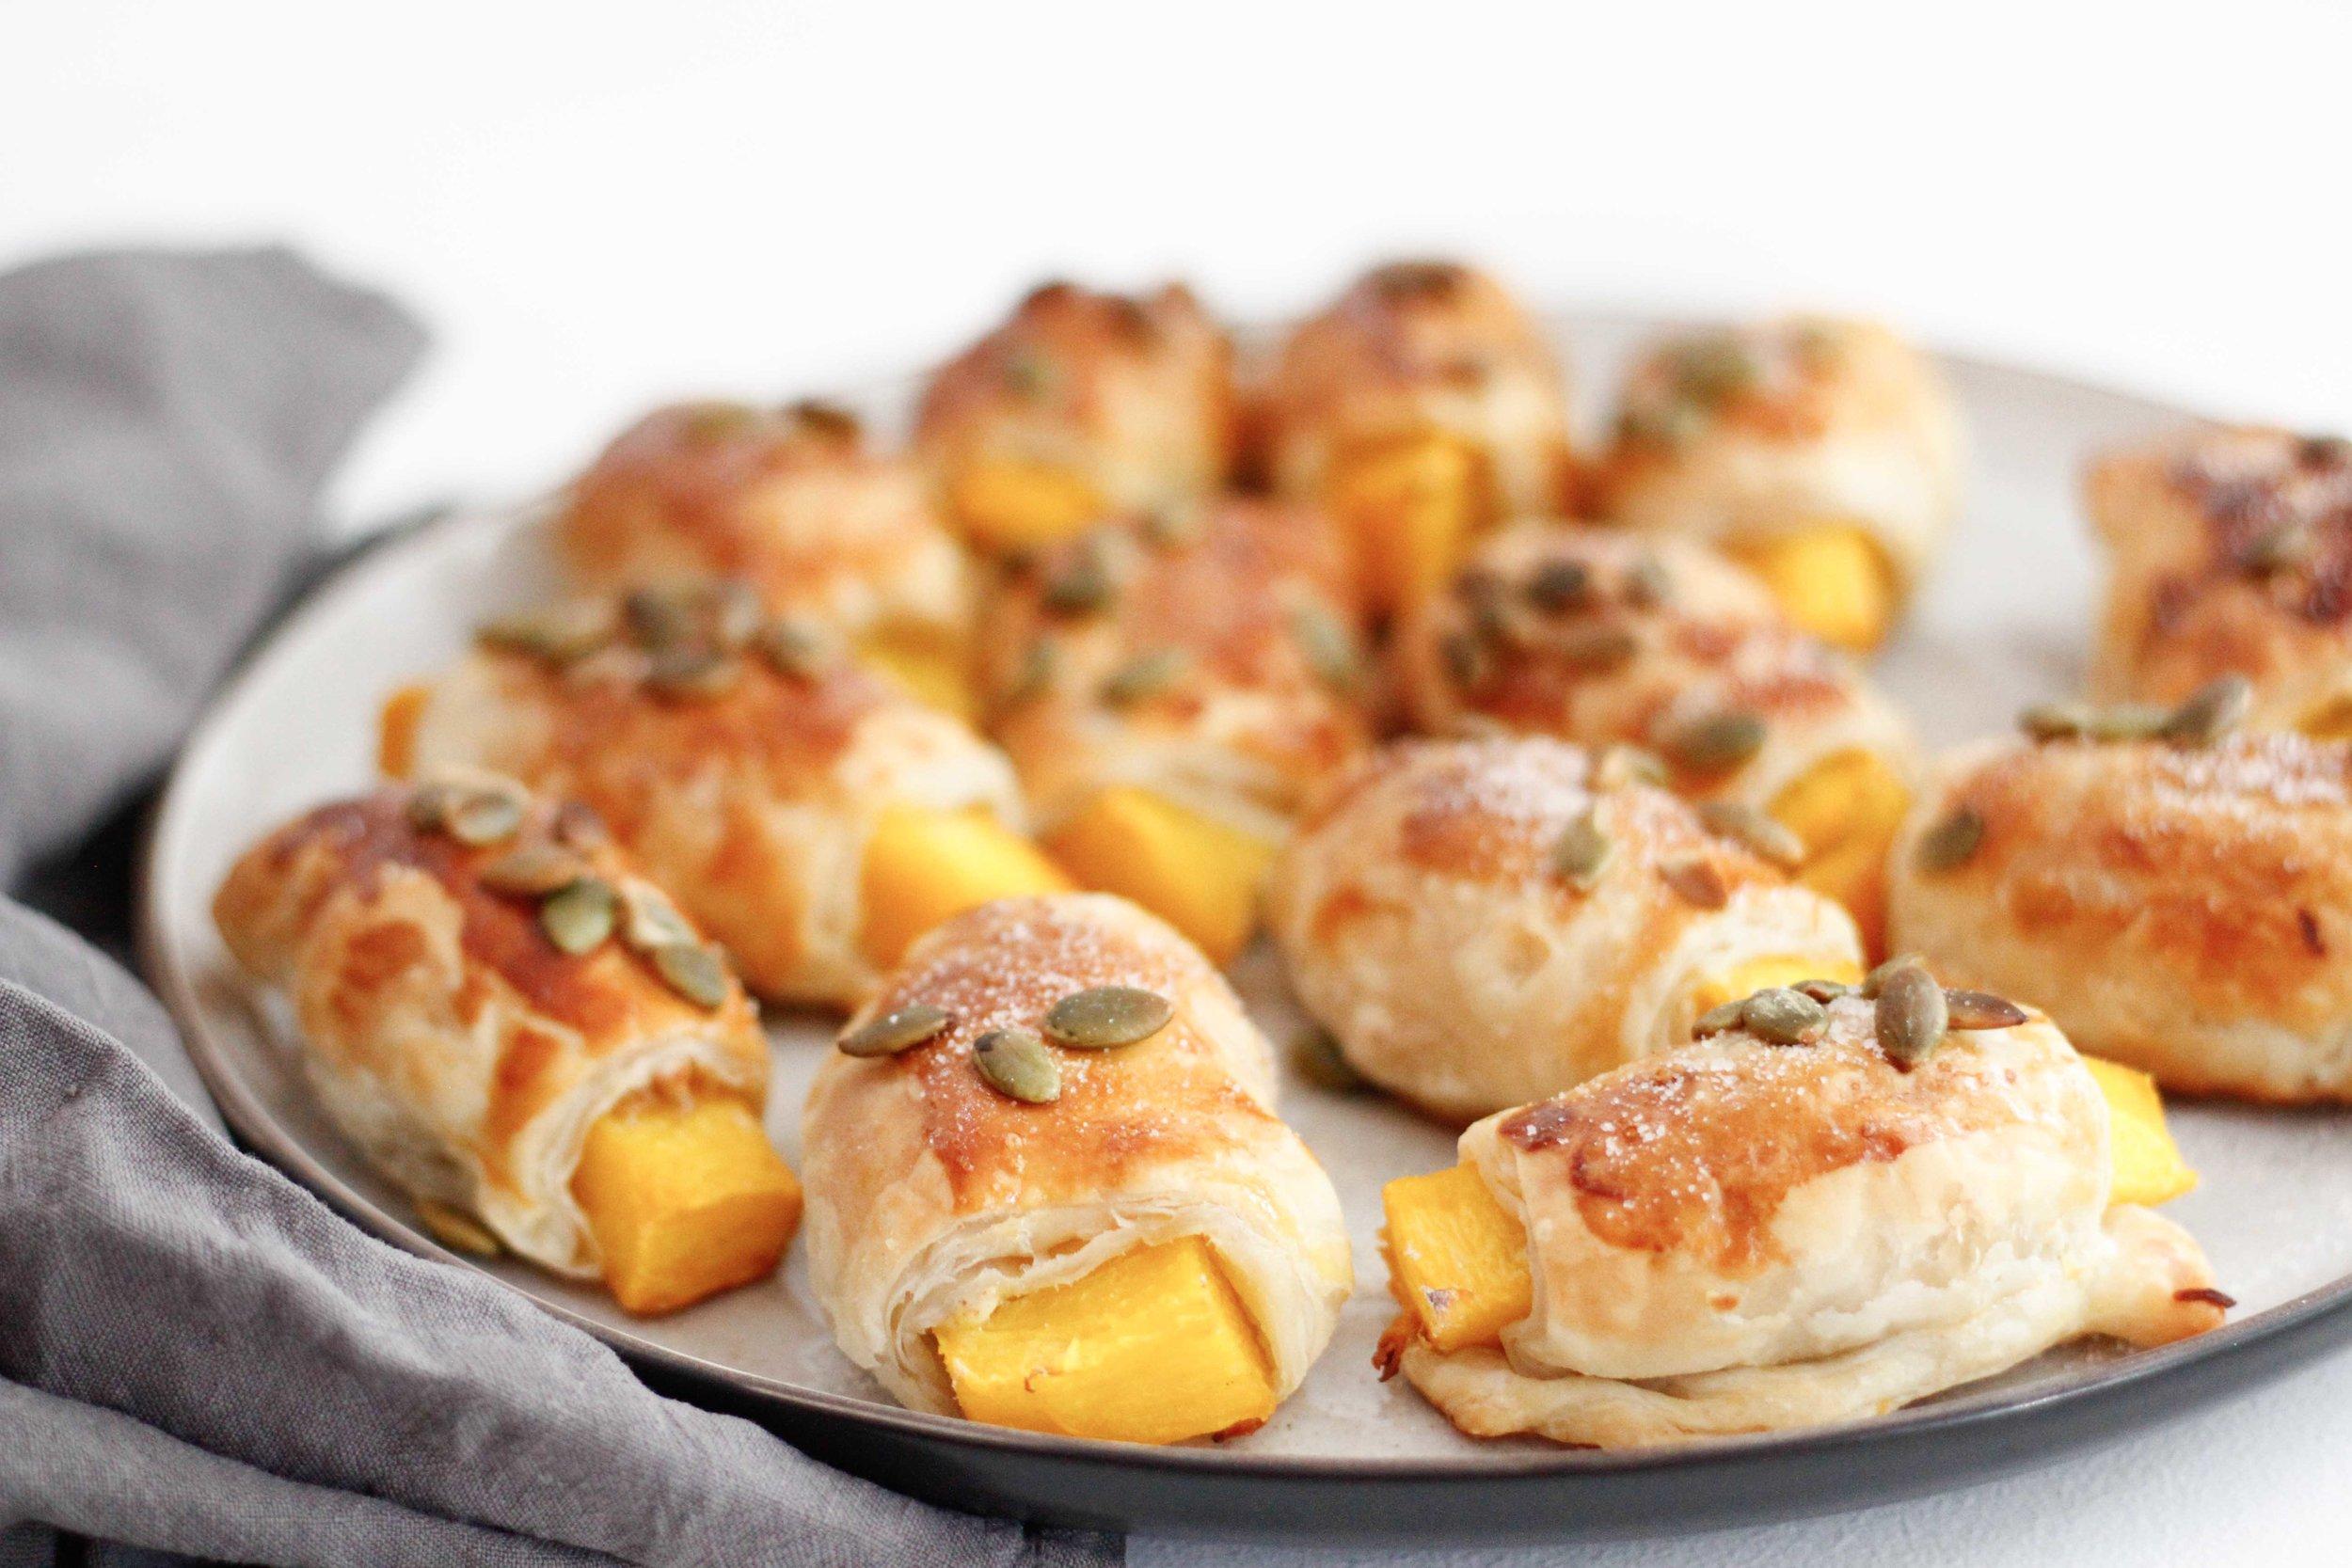 Pumpkin pastry puffs